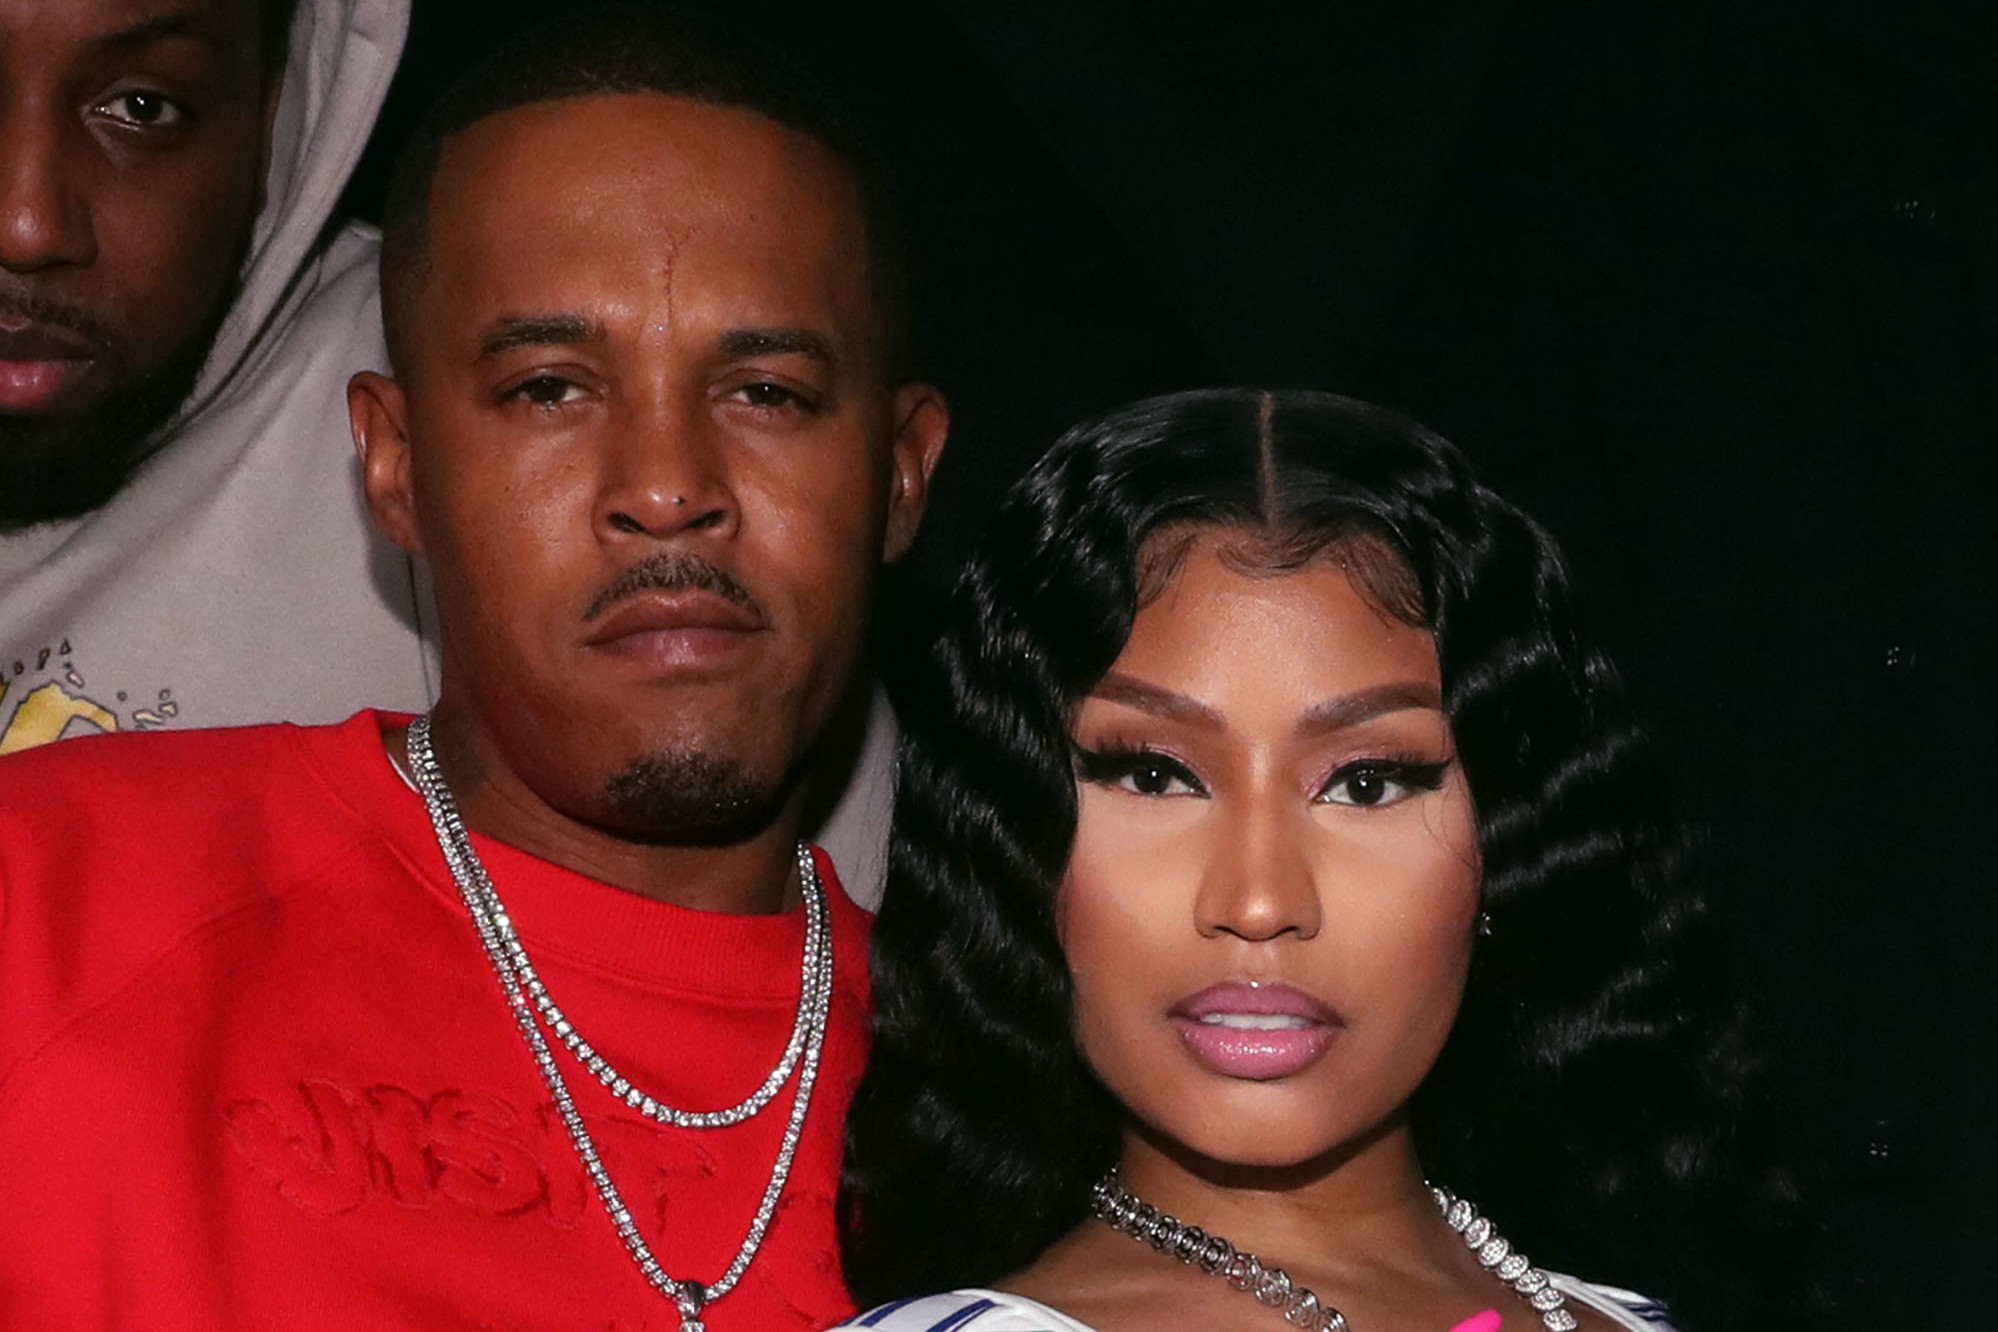 Nicki Minaj & Kenneth Petty - Here's Why She Called Him 'Husband'